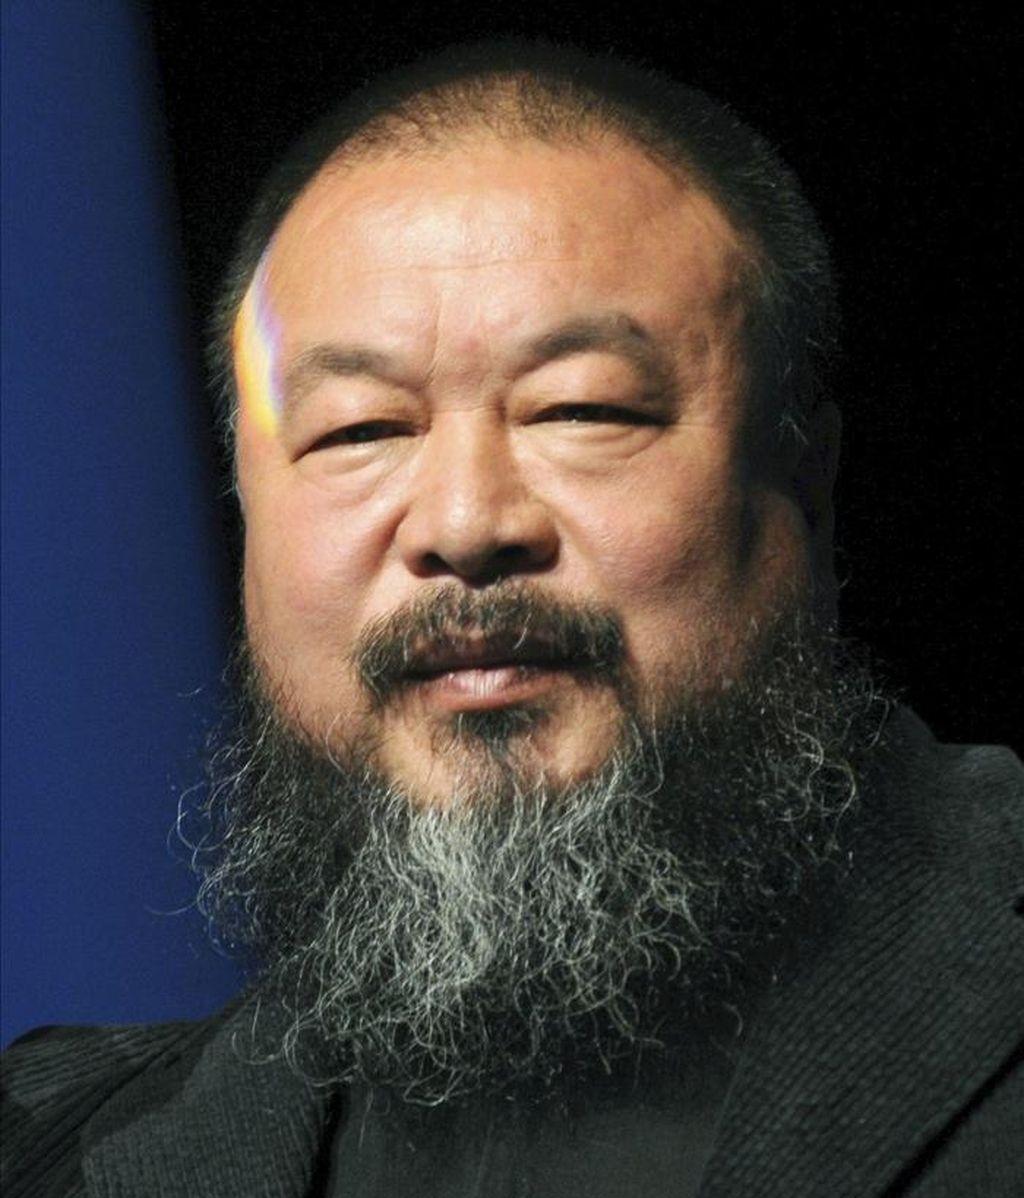 """Fotografía de archivo del artista chino Ai Weiwei durante la ceremonia en la que fue distinguido con el premio """"Das Glas der Vernunft"""" (cristal de la razón), en Kassel, Alemania, el 26 de septiembre de 2010. EFE"""